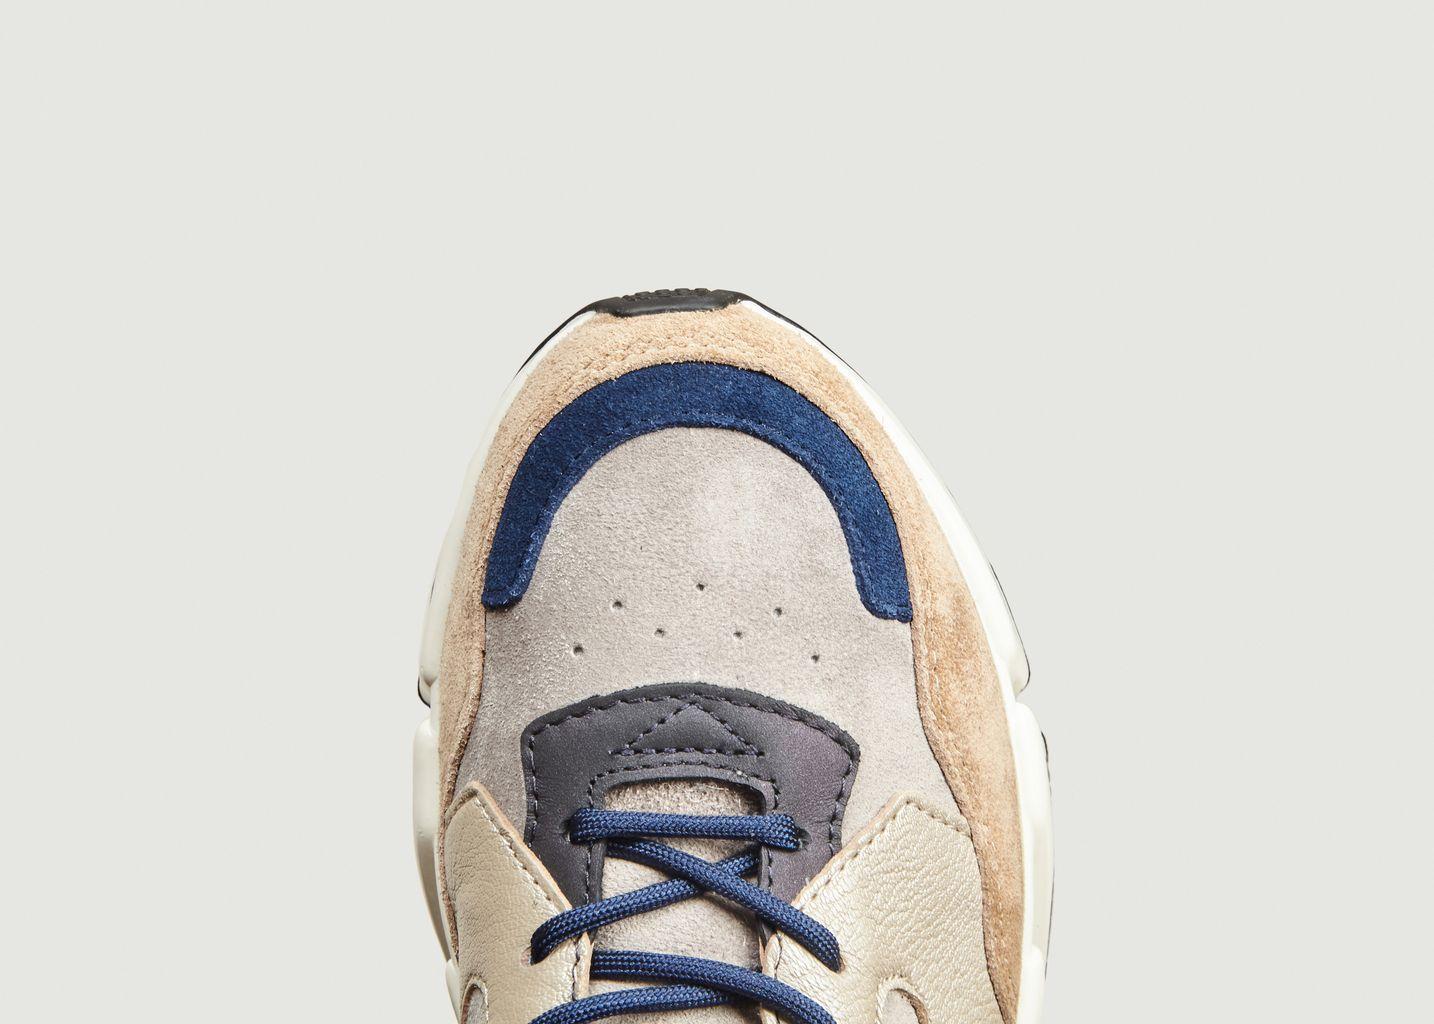 Sneakers Sneakers En NB NB Adix Adix En Sneakers Cuir Cuir wONvynm80